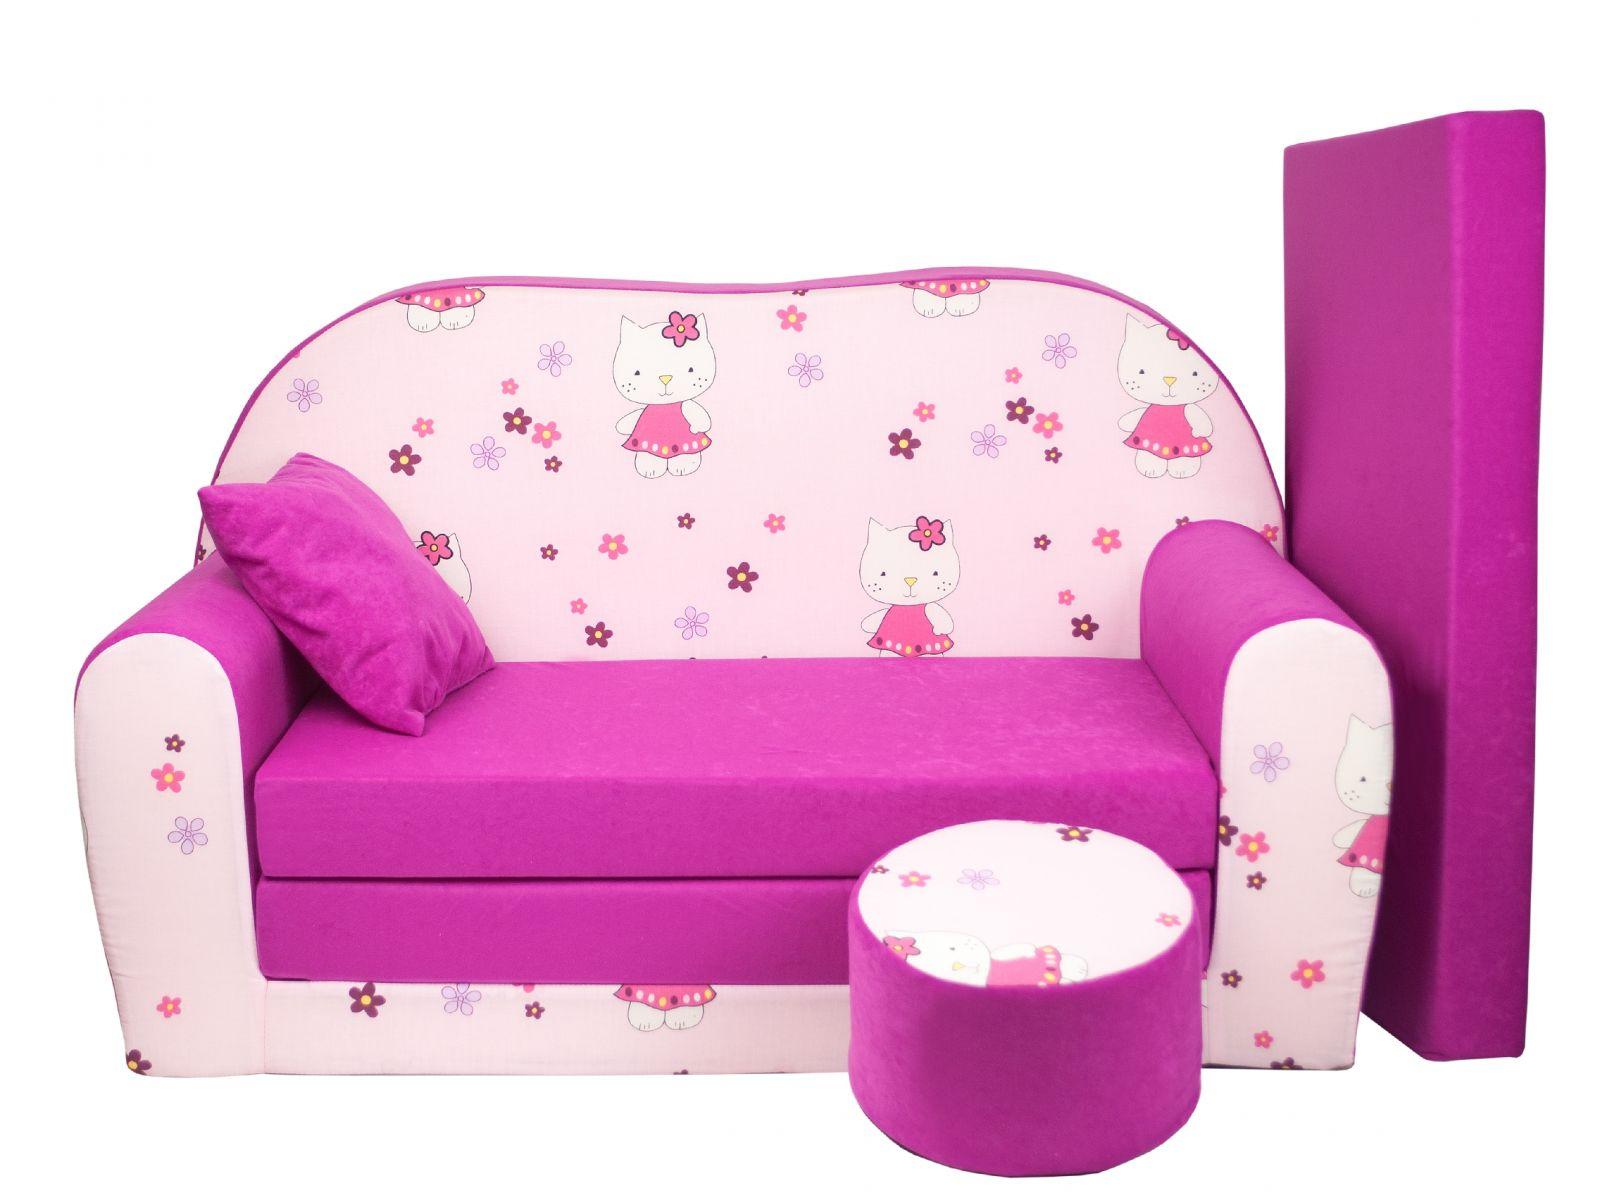 Fimex Dětská rozkládací pohovka + taburet Kočky růžová